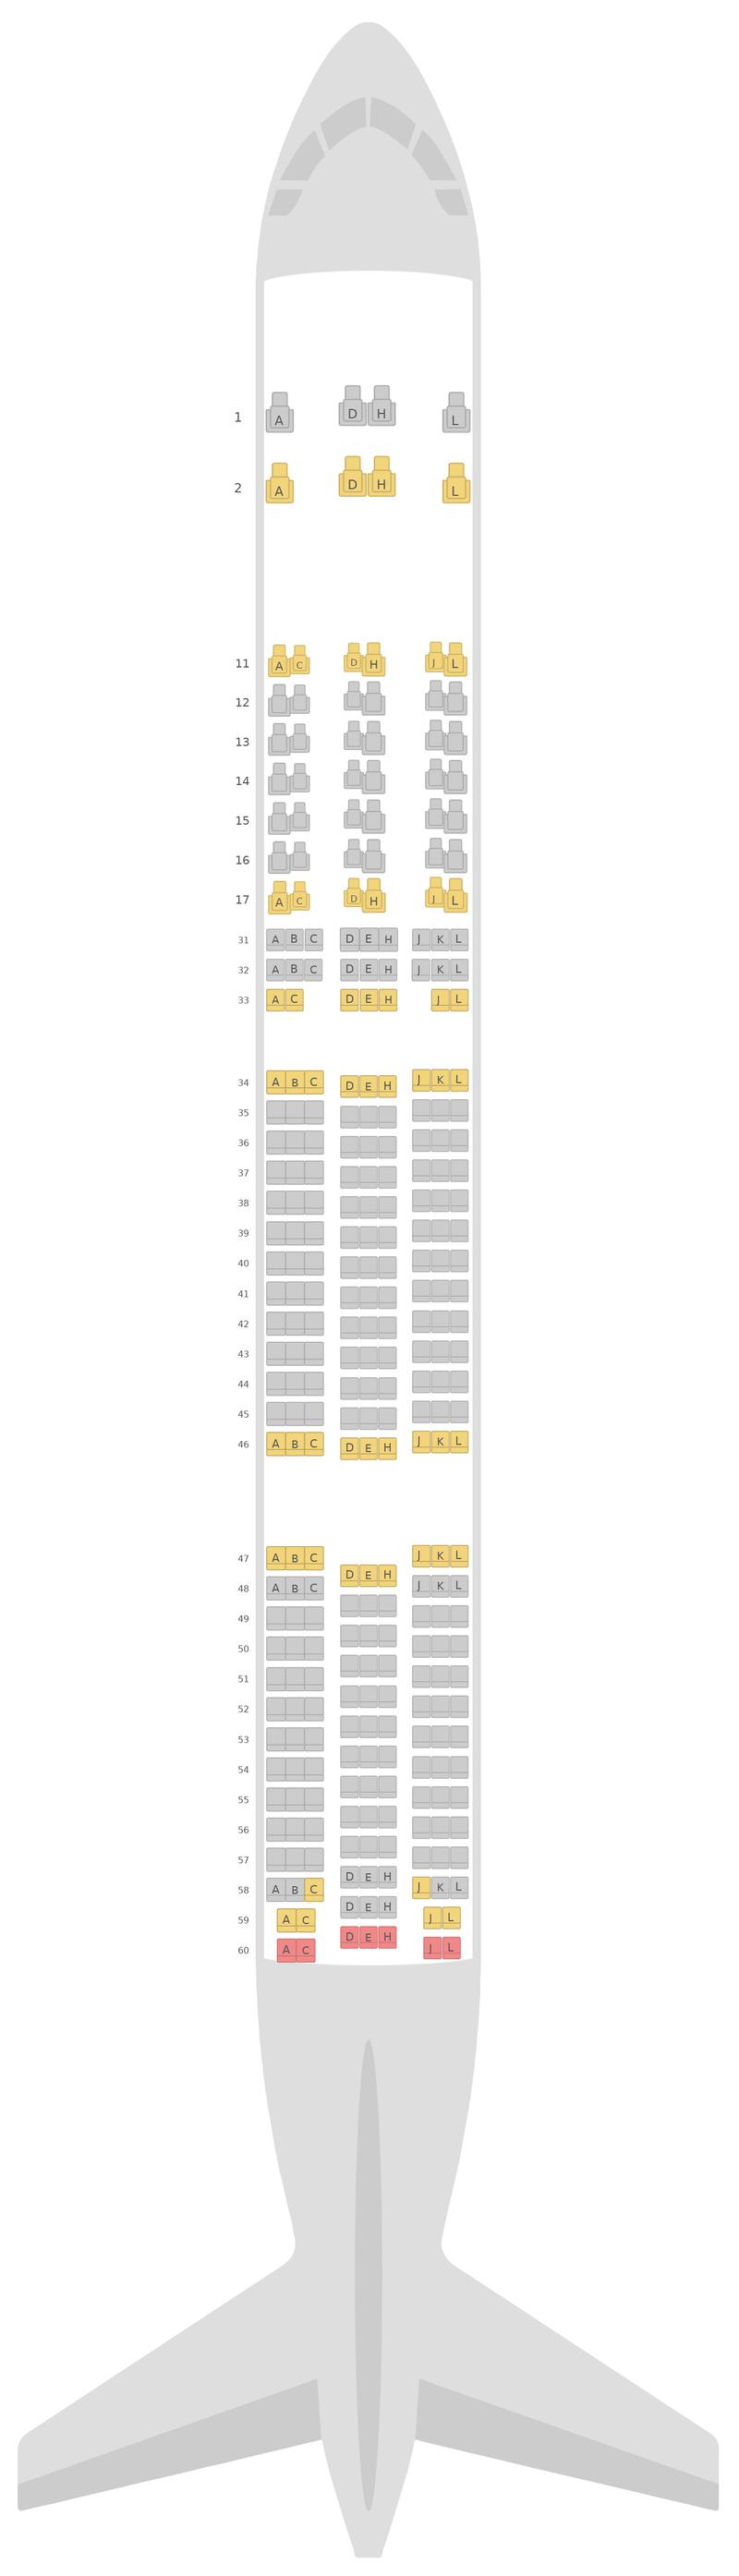 Mapa de asientos Boeing 777-300ER (77W) Air China